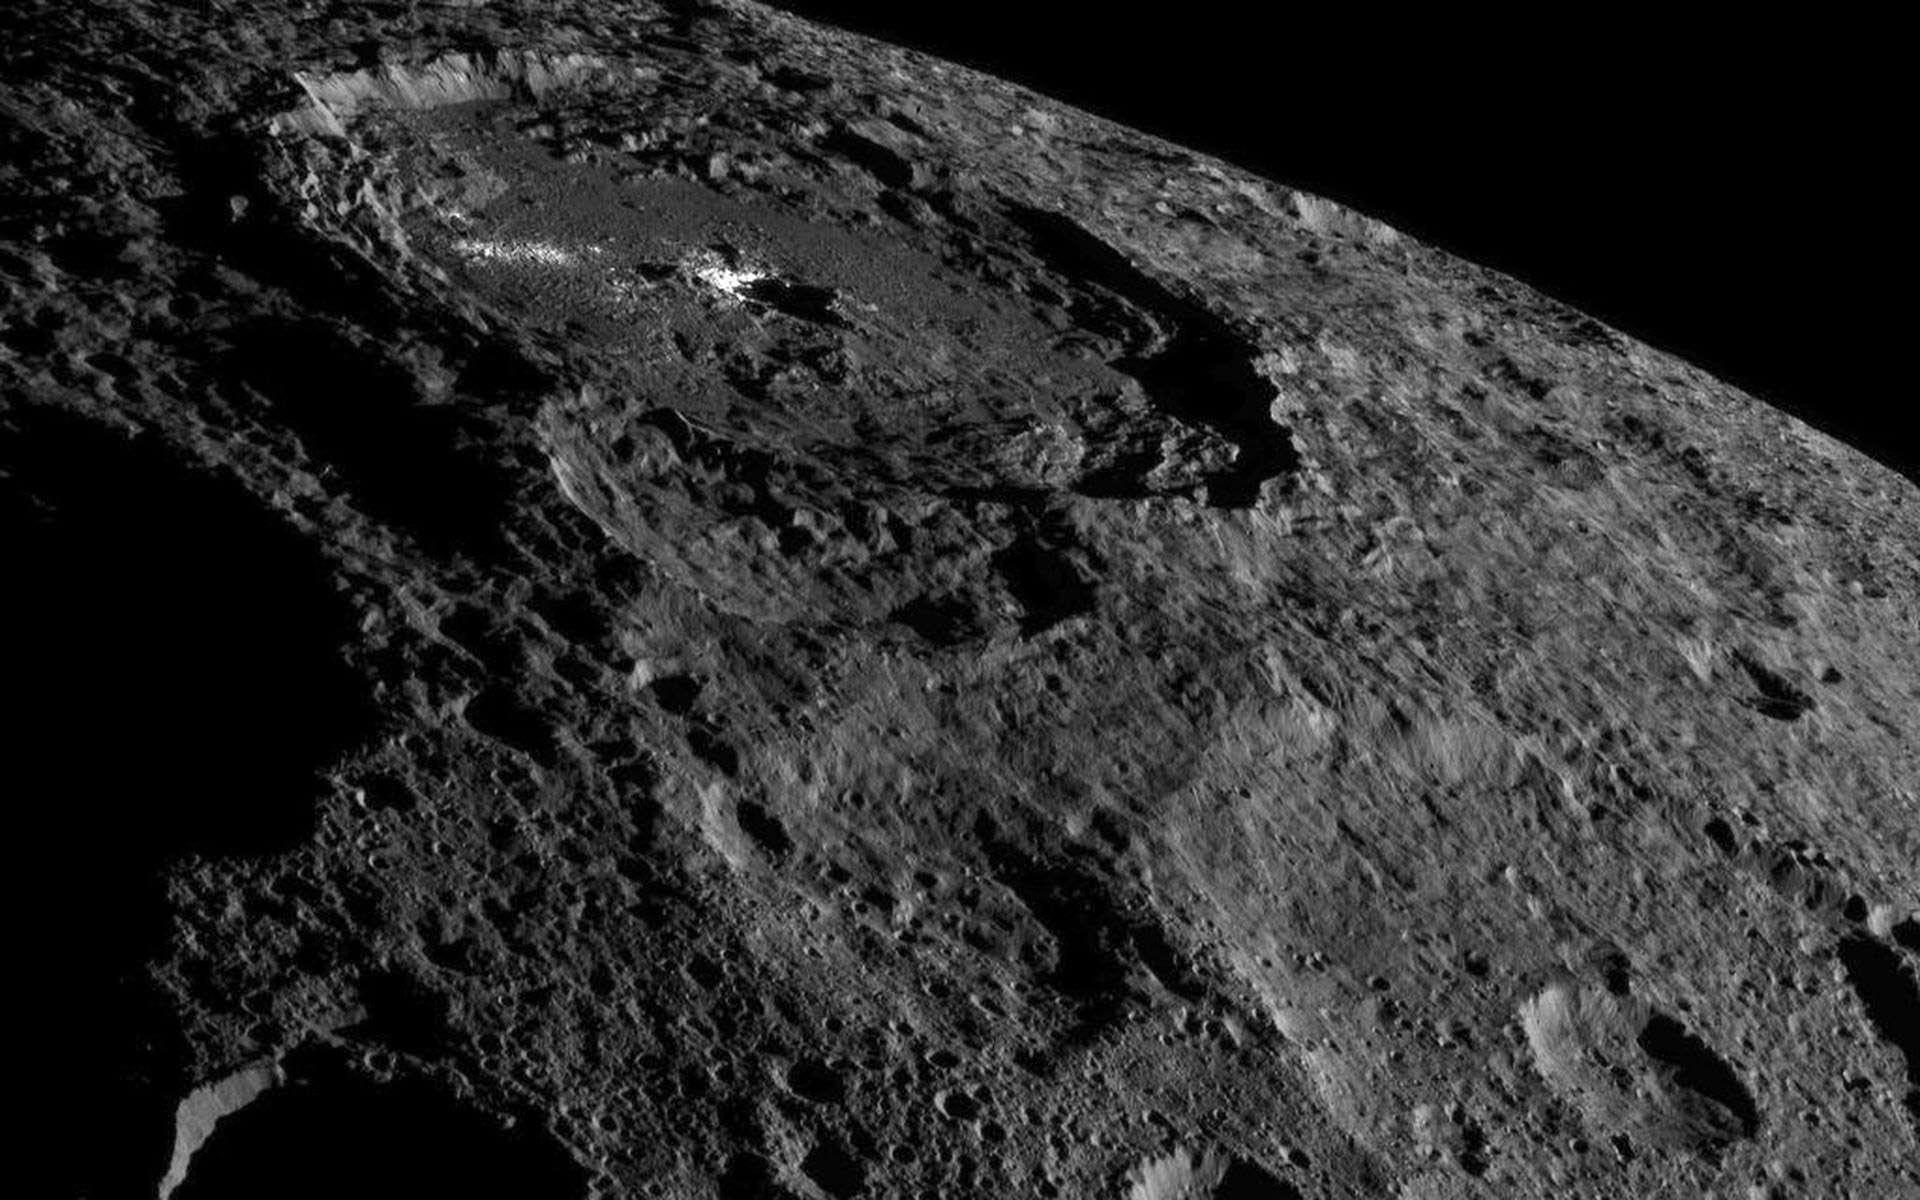 D'un diamètre de 92 km, le cratère Occator abrite les fameuses taches lumineuses observées par Dawn. © Nasa, JPL-Caltech, UCLA, MPS, DLR, IDA